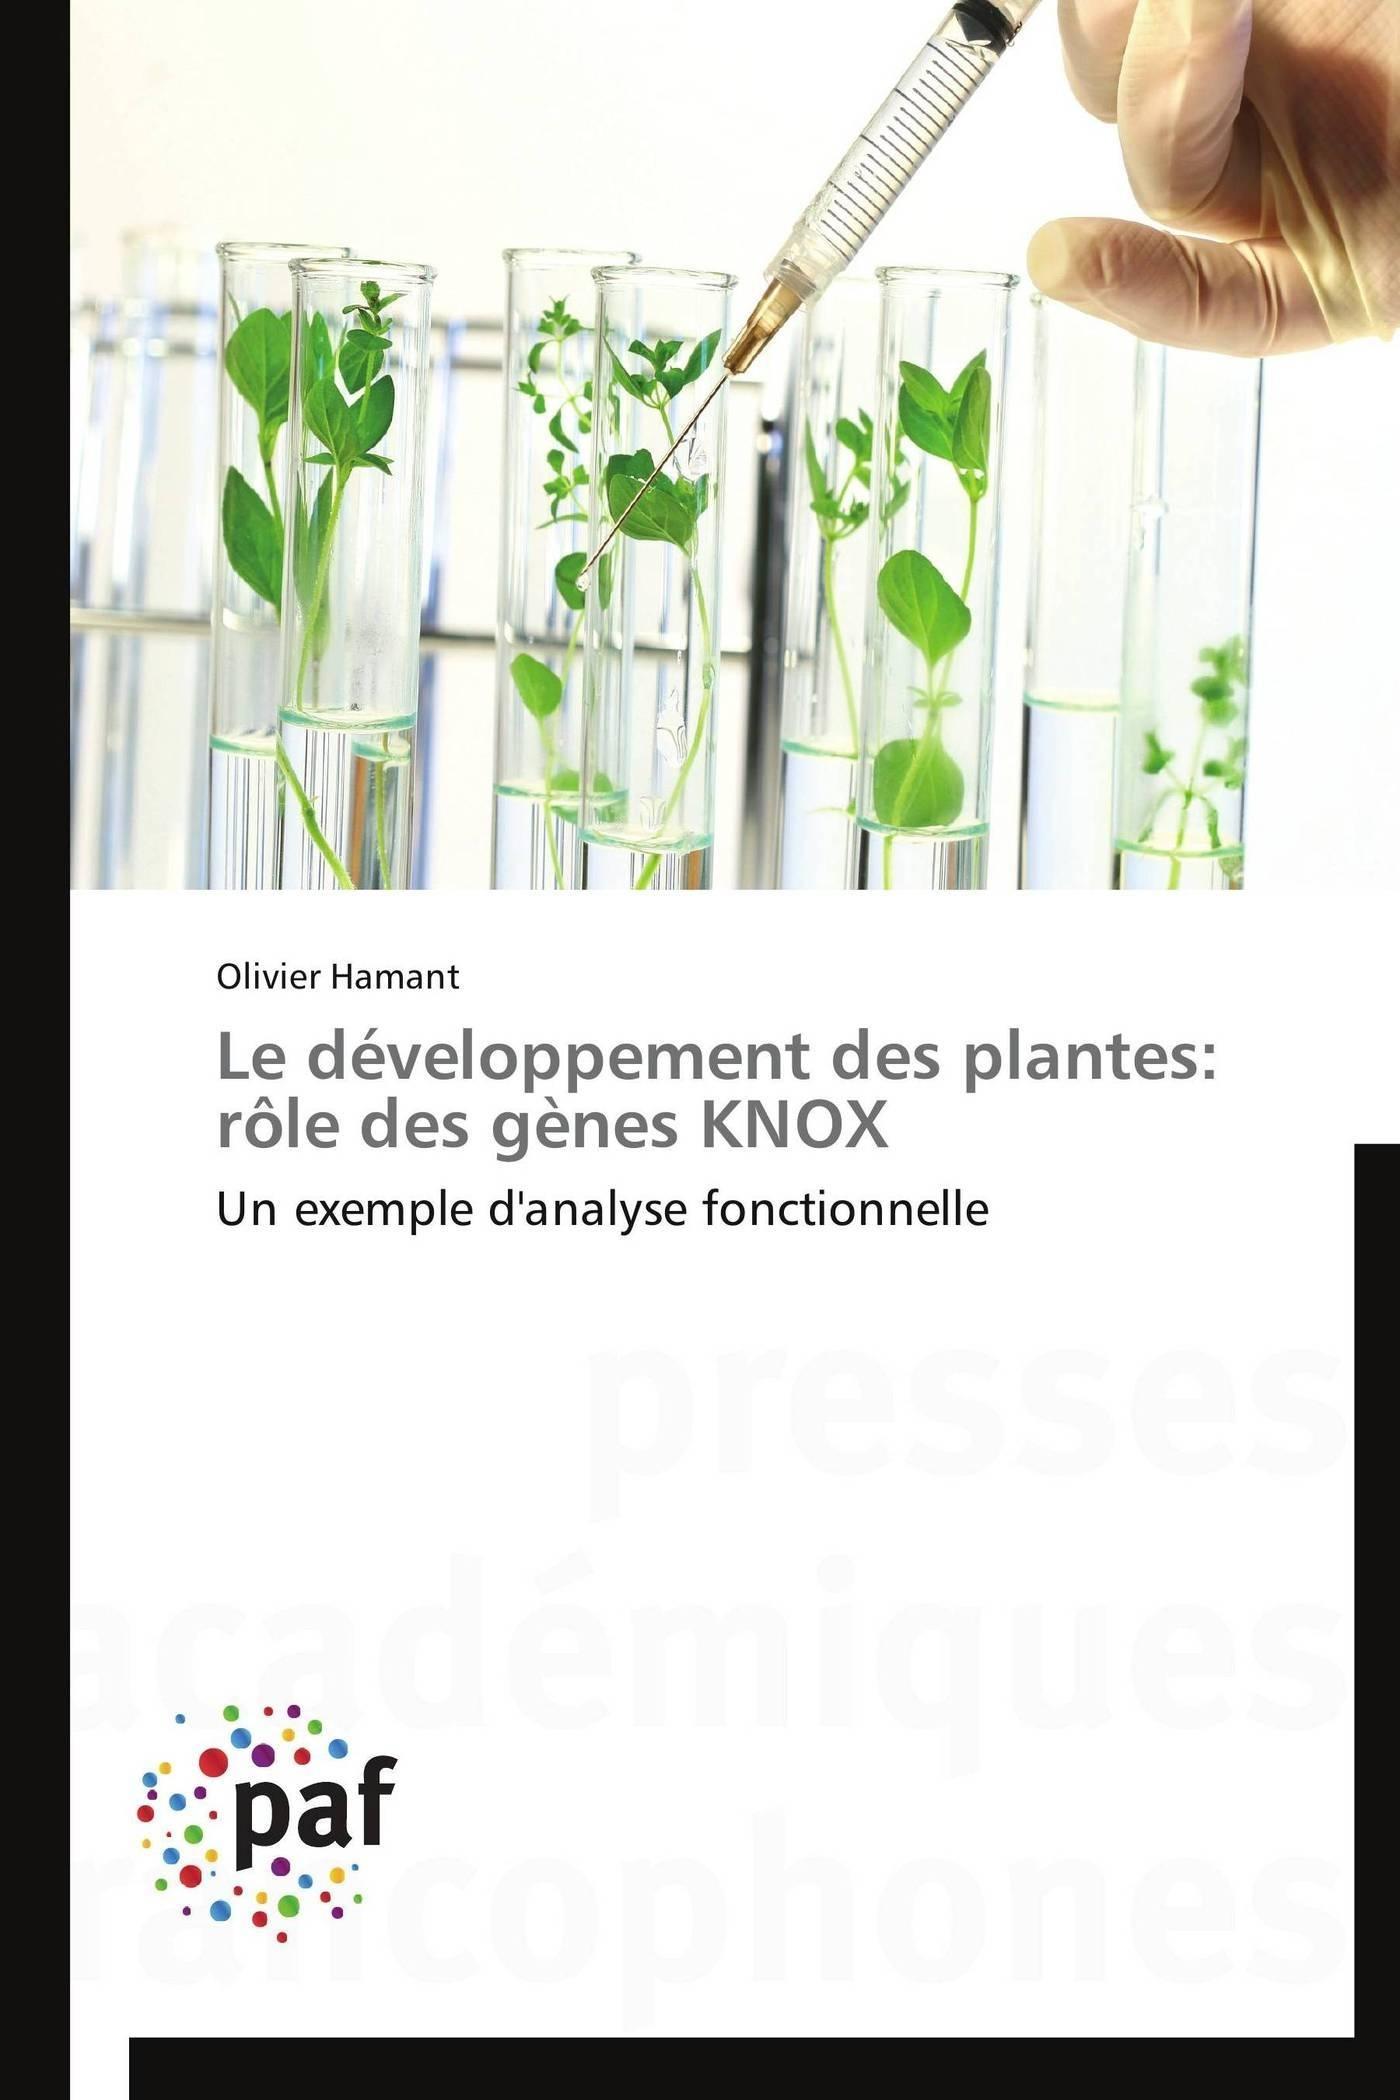 LE DEVELOPPEMENT DES PLANTES: ROLE DES GENES KNOX